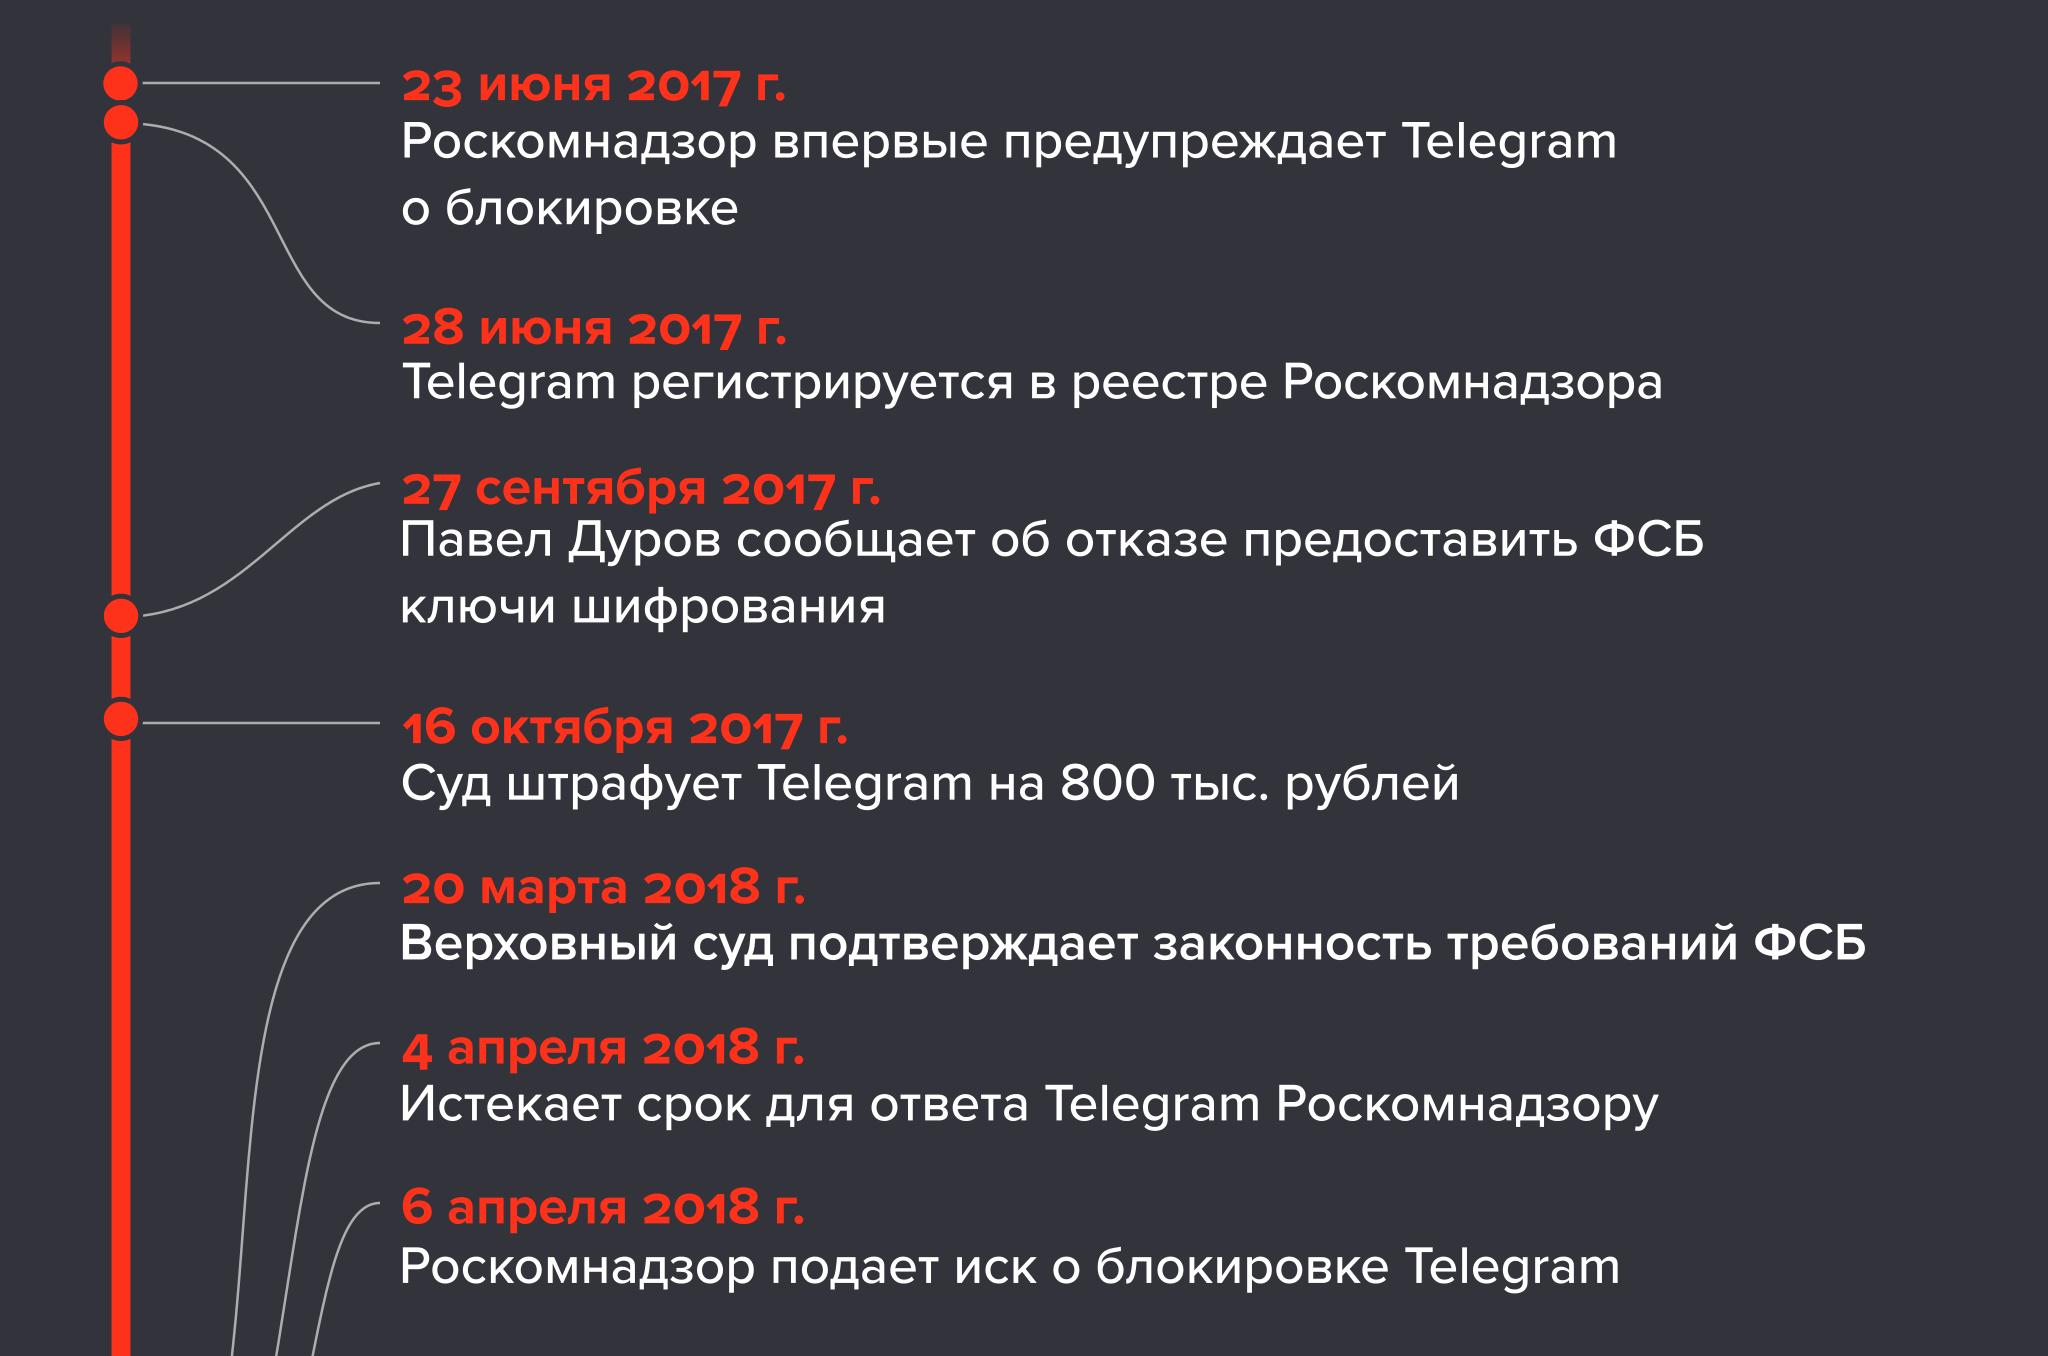 Telegram в РФ под запретом. Что делать?